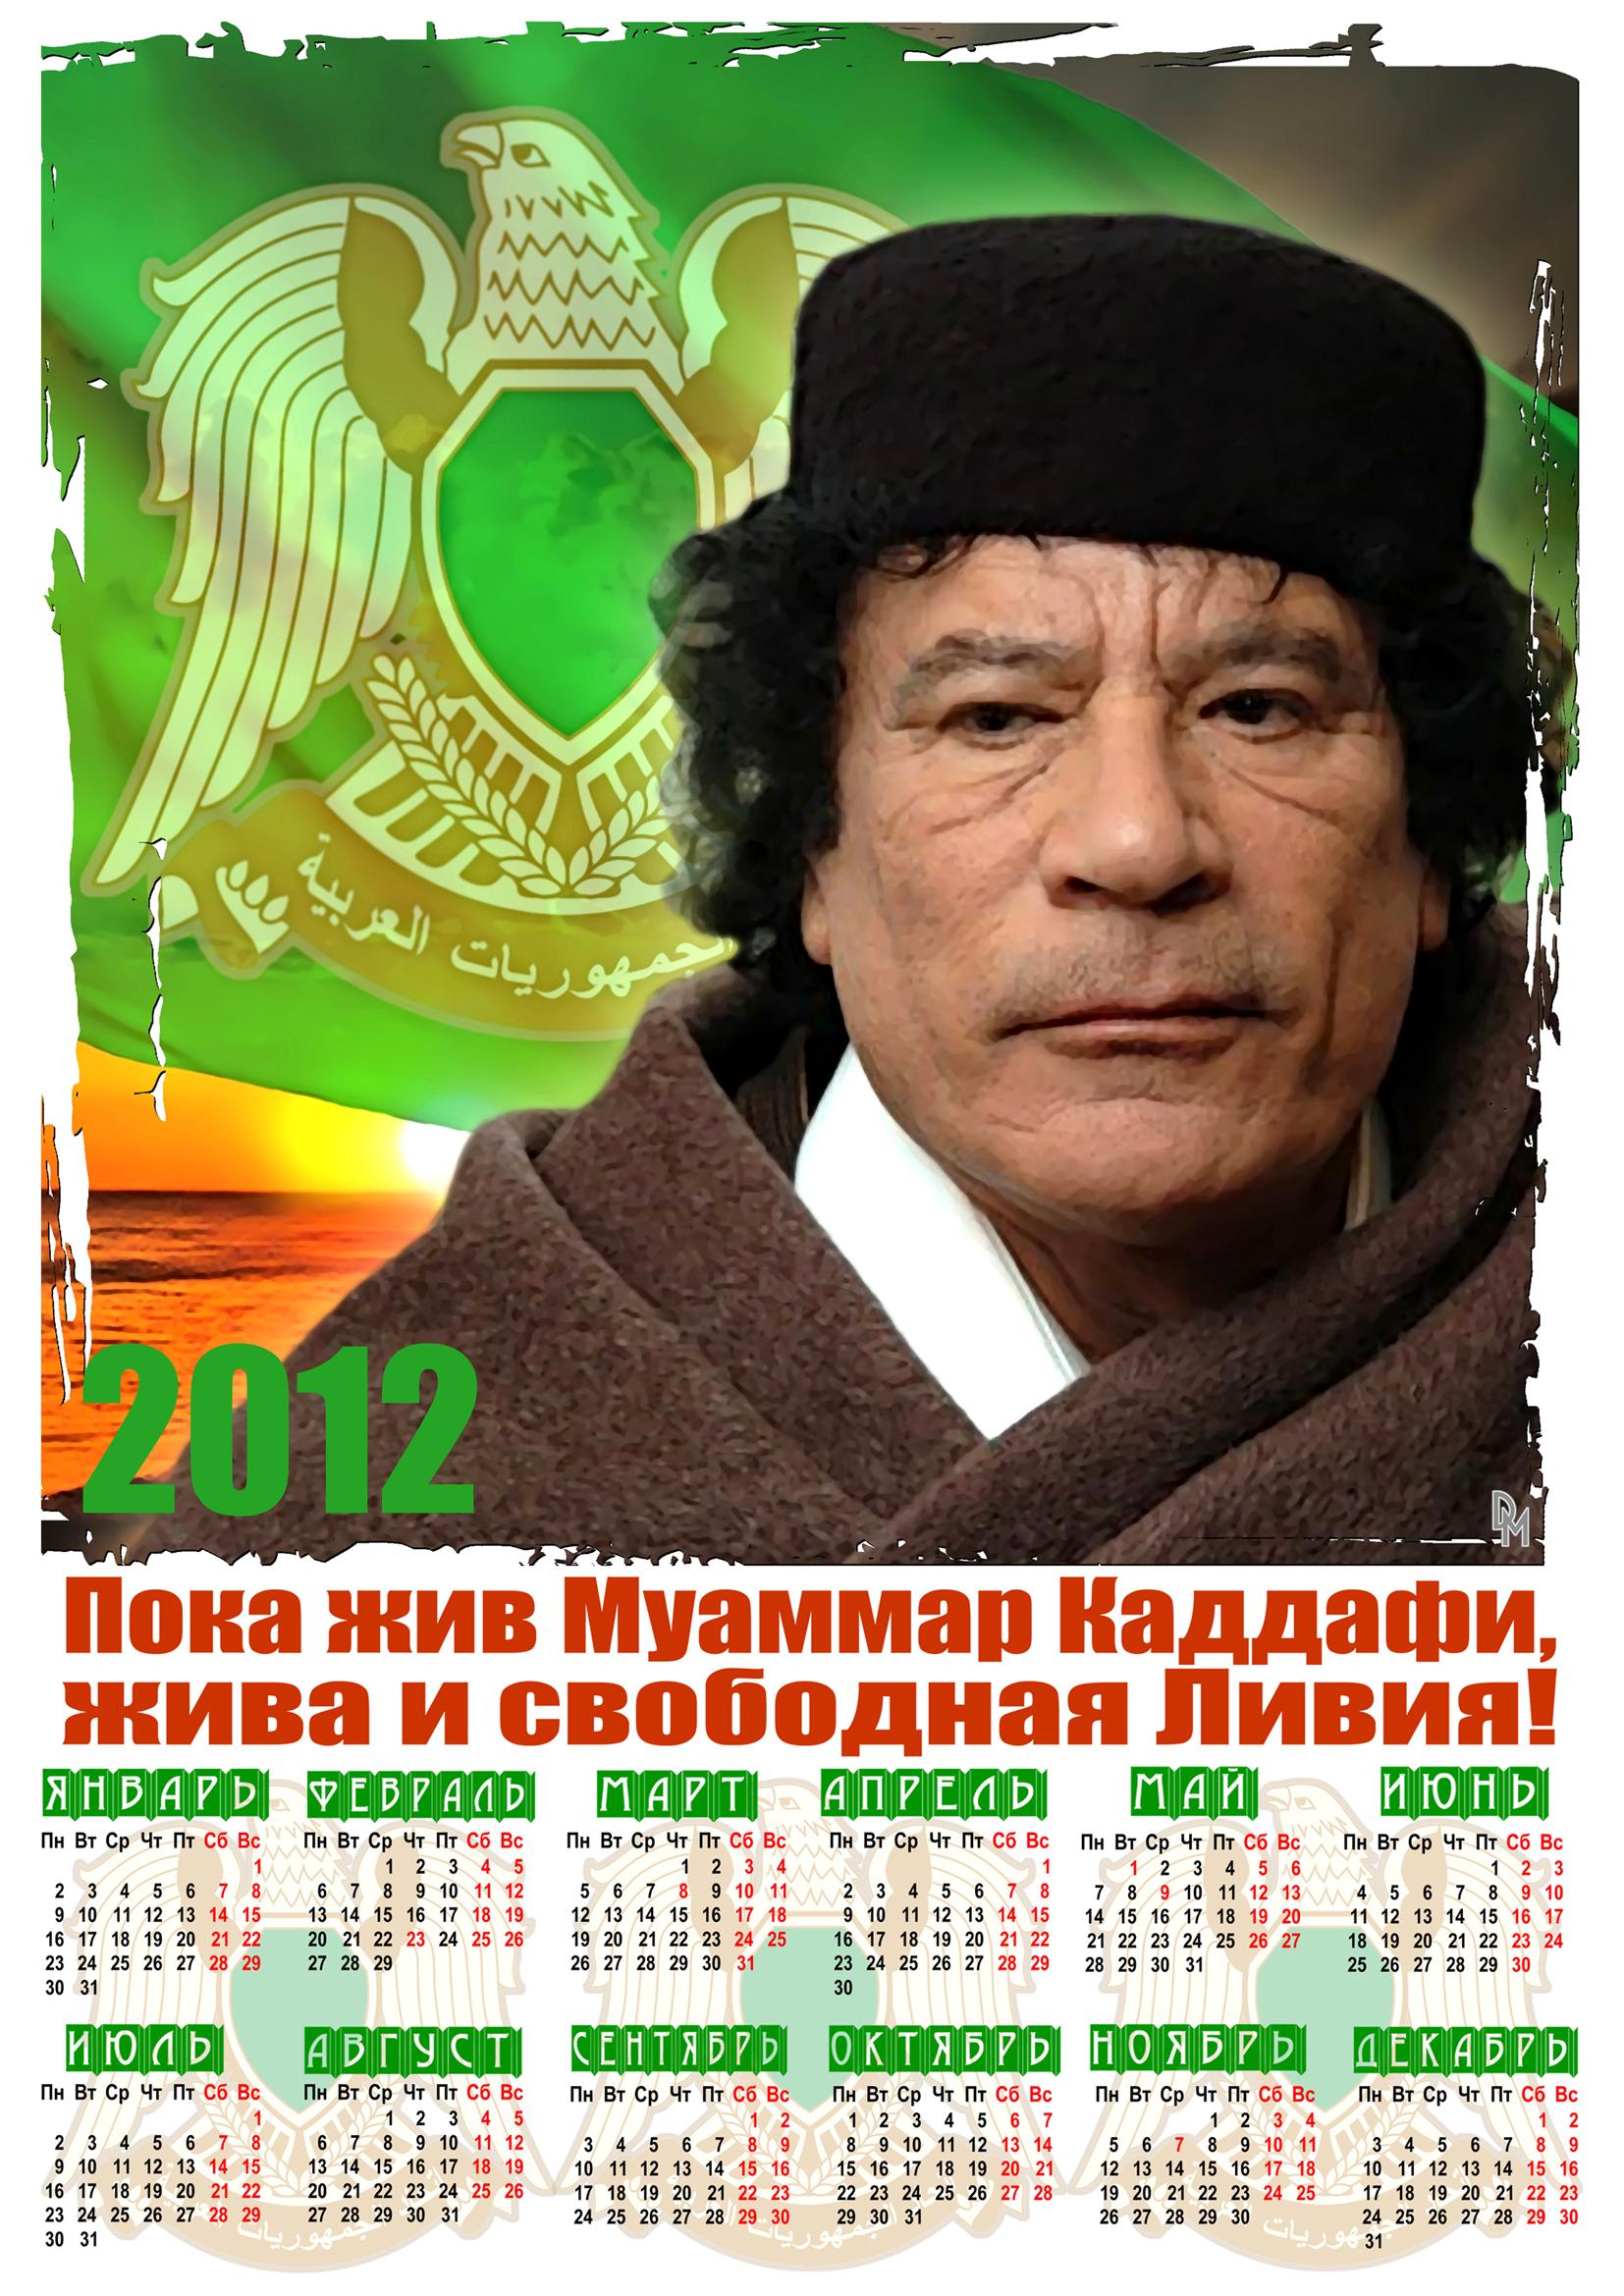 Каддафи календарь ливия 2012